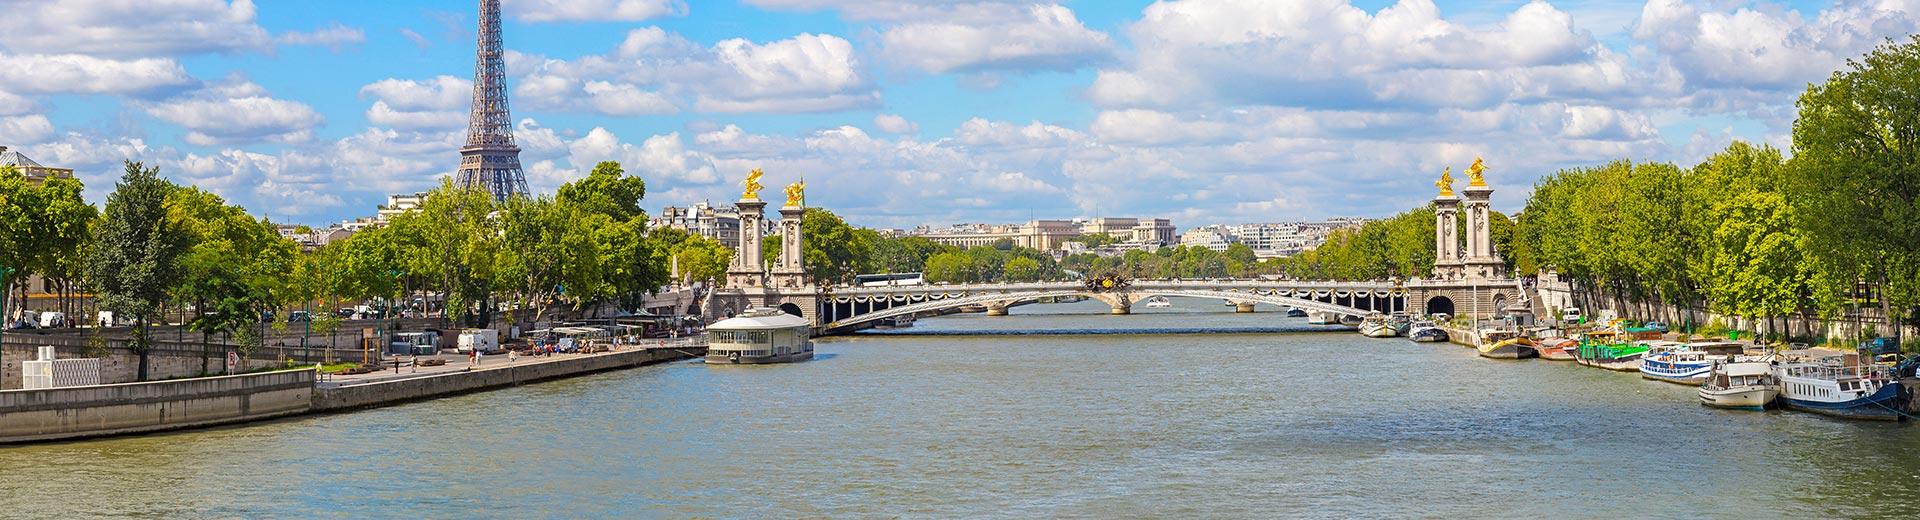 Voyages en groupe Paris - offre Economique